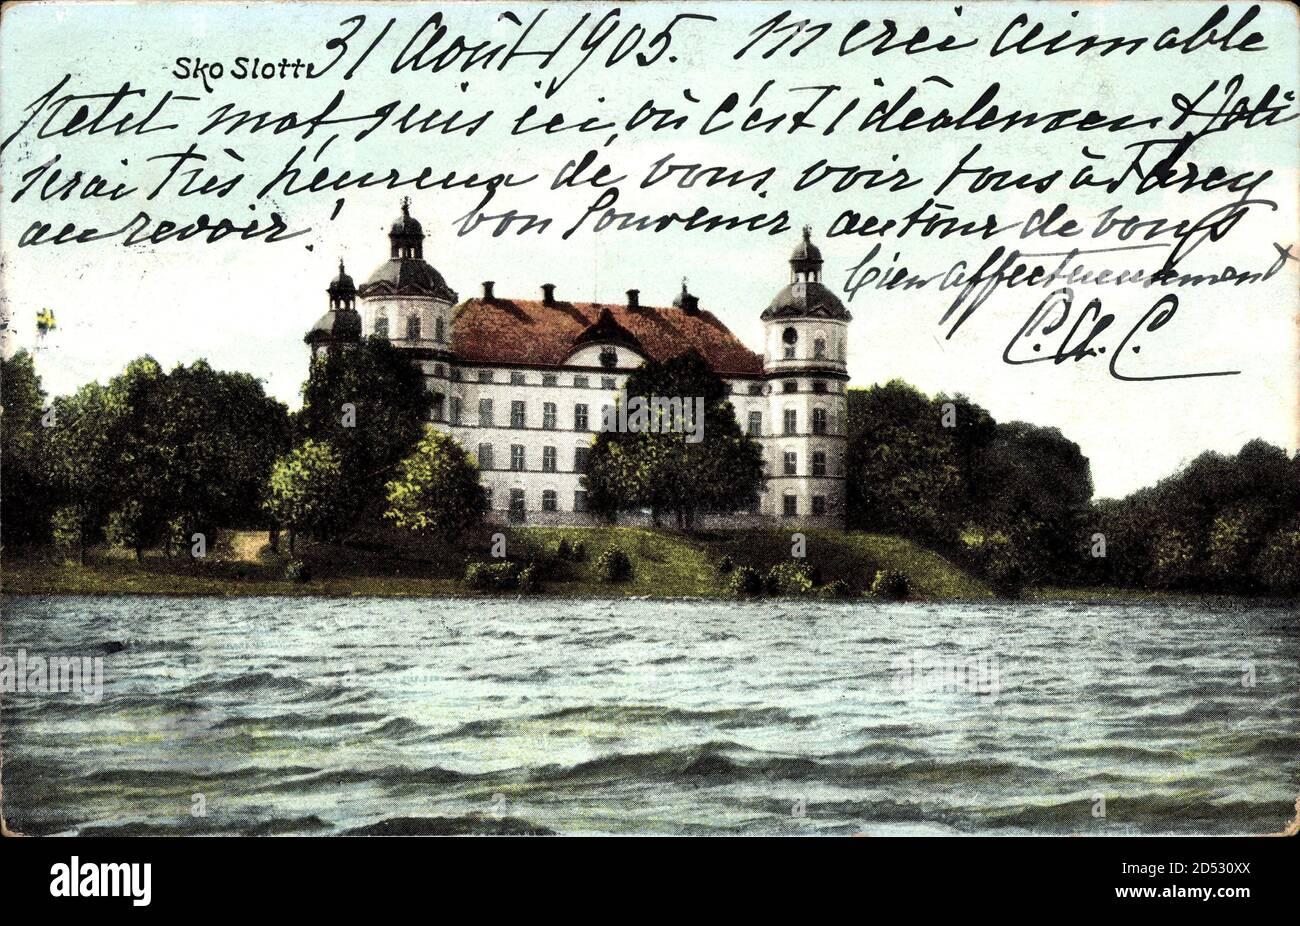 Skokloster Schweden, Blick auf das Schloss über Gewässer hinweg, Fassade   usage worldwide Stock Photo